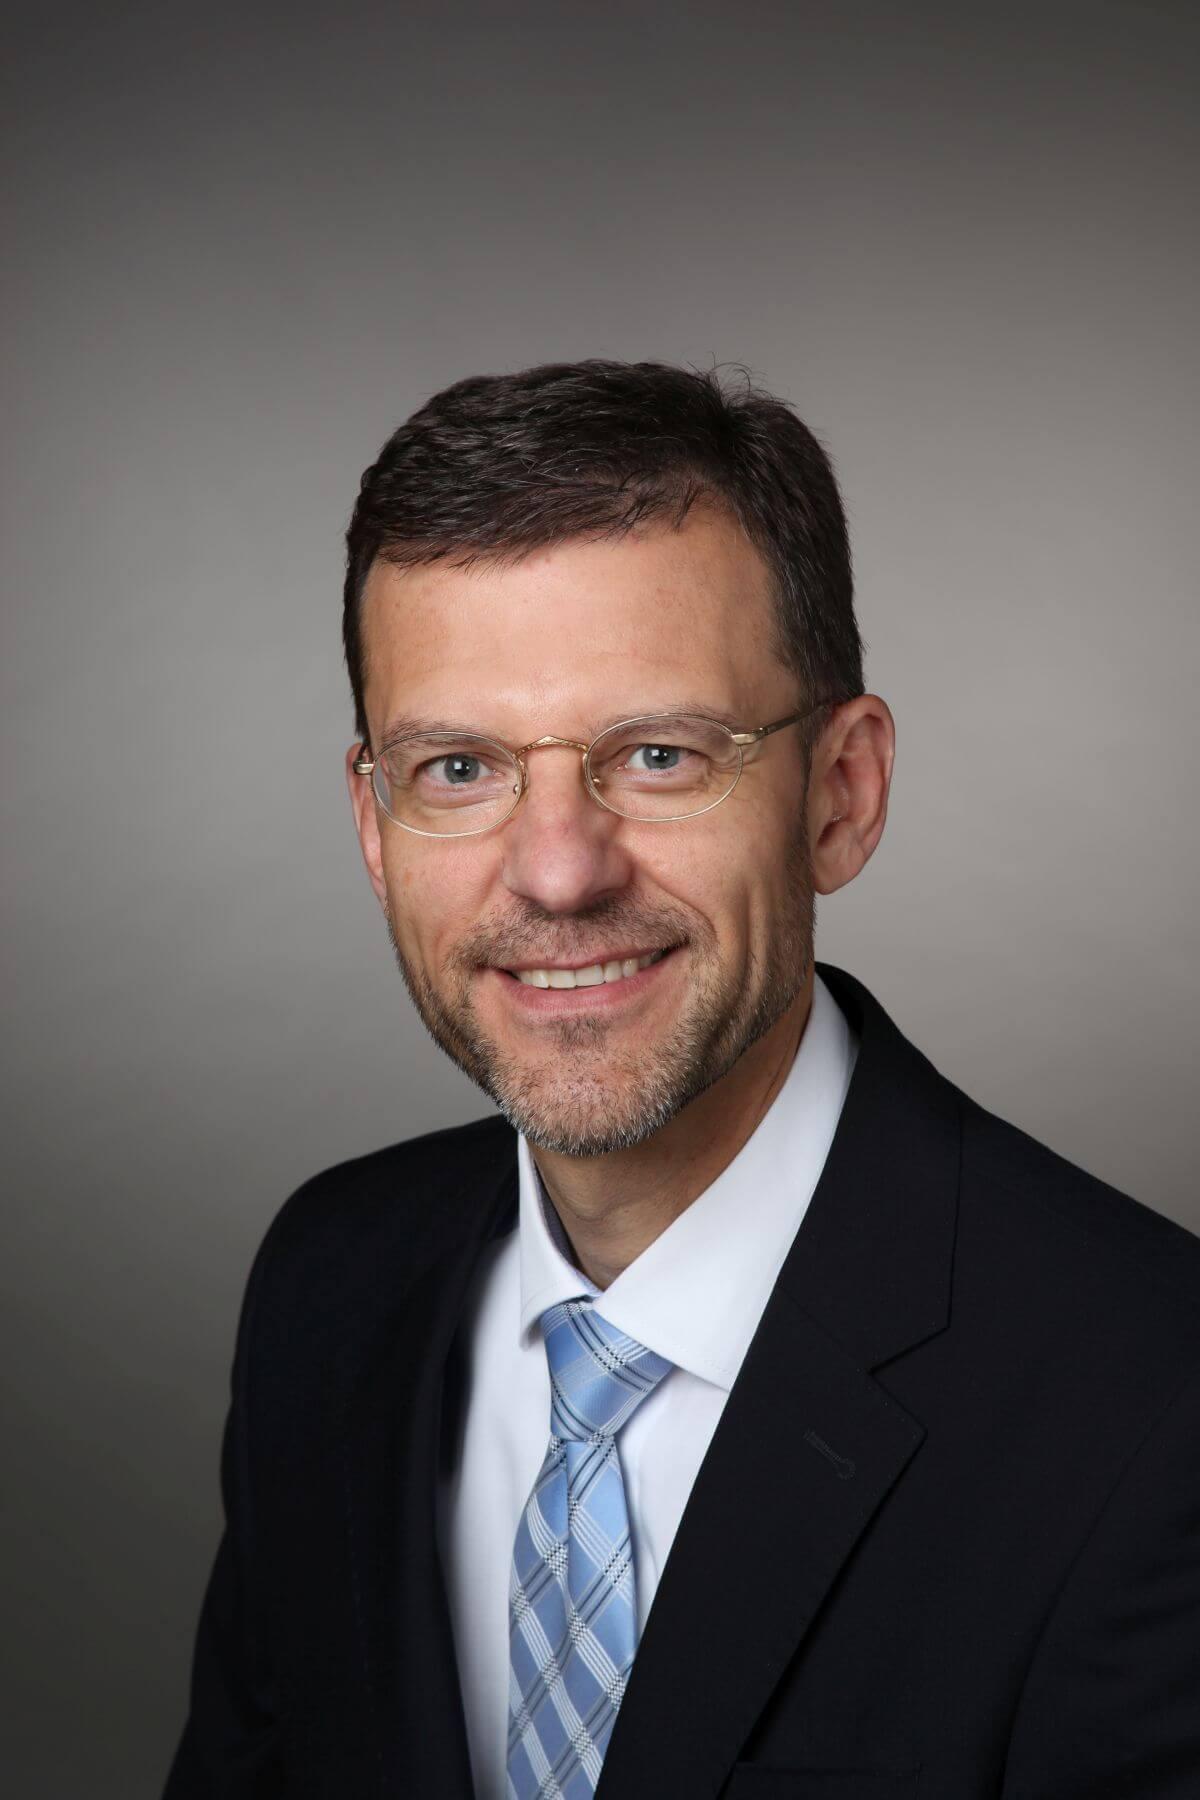 Mathias Urnauer